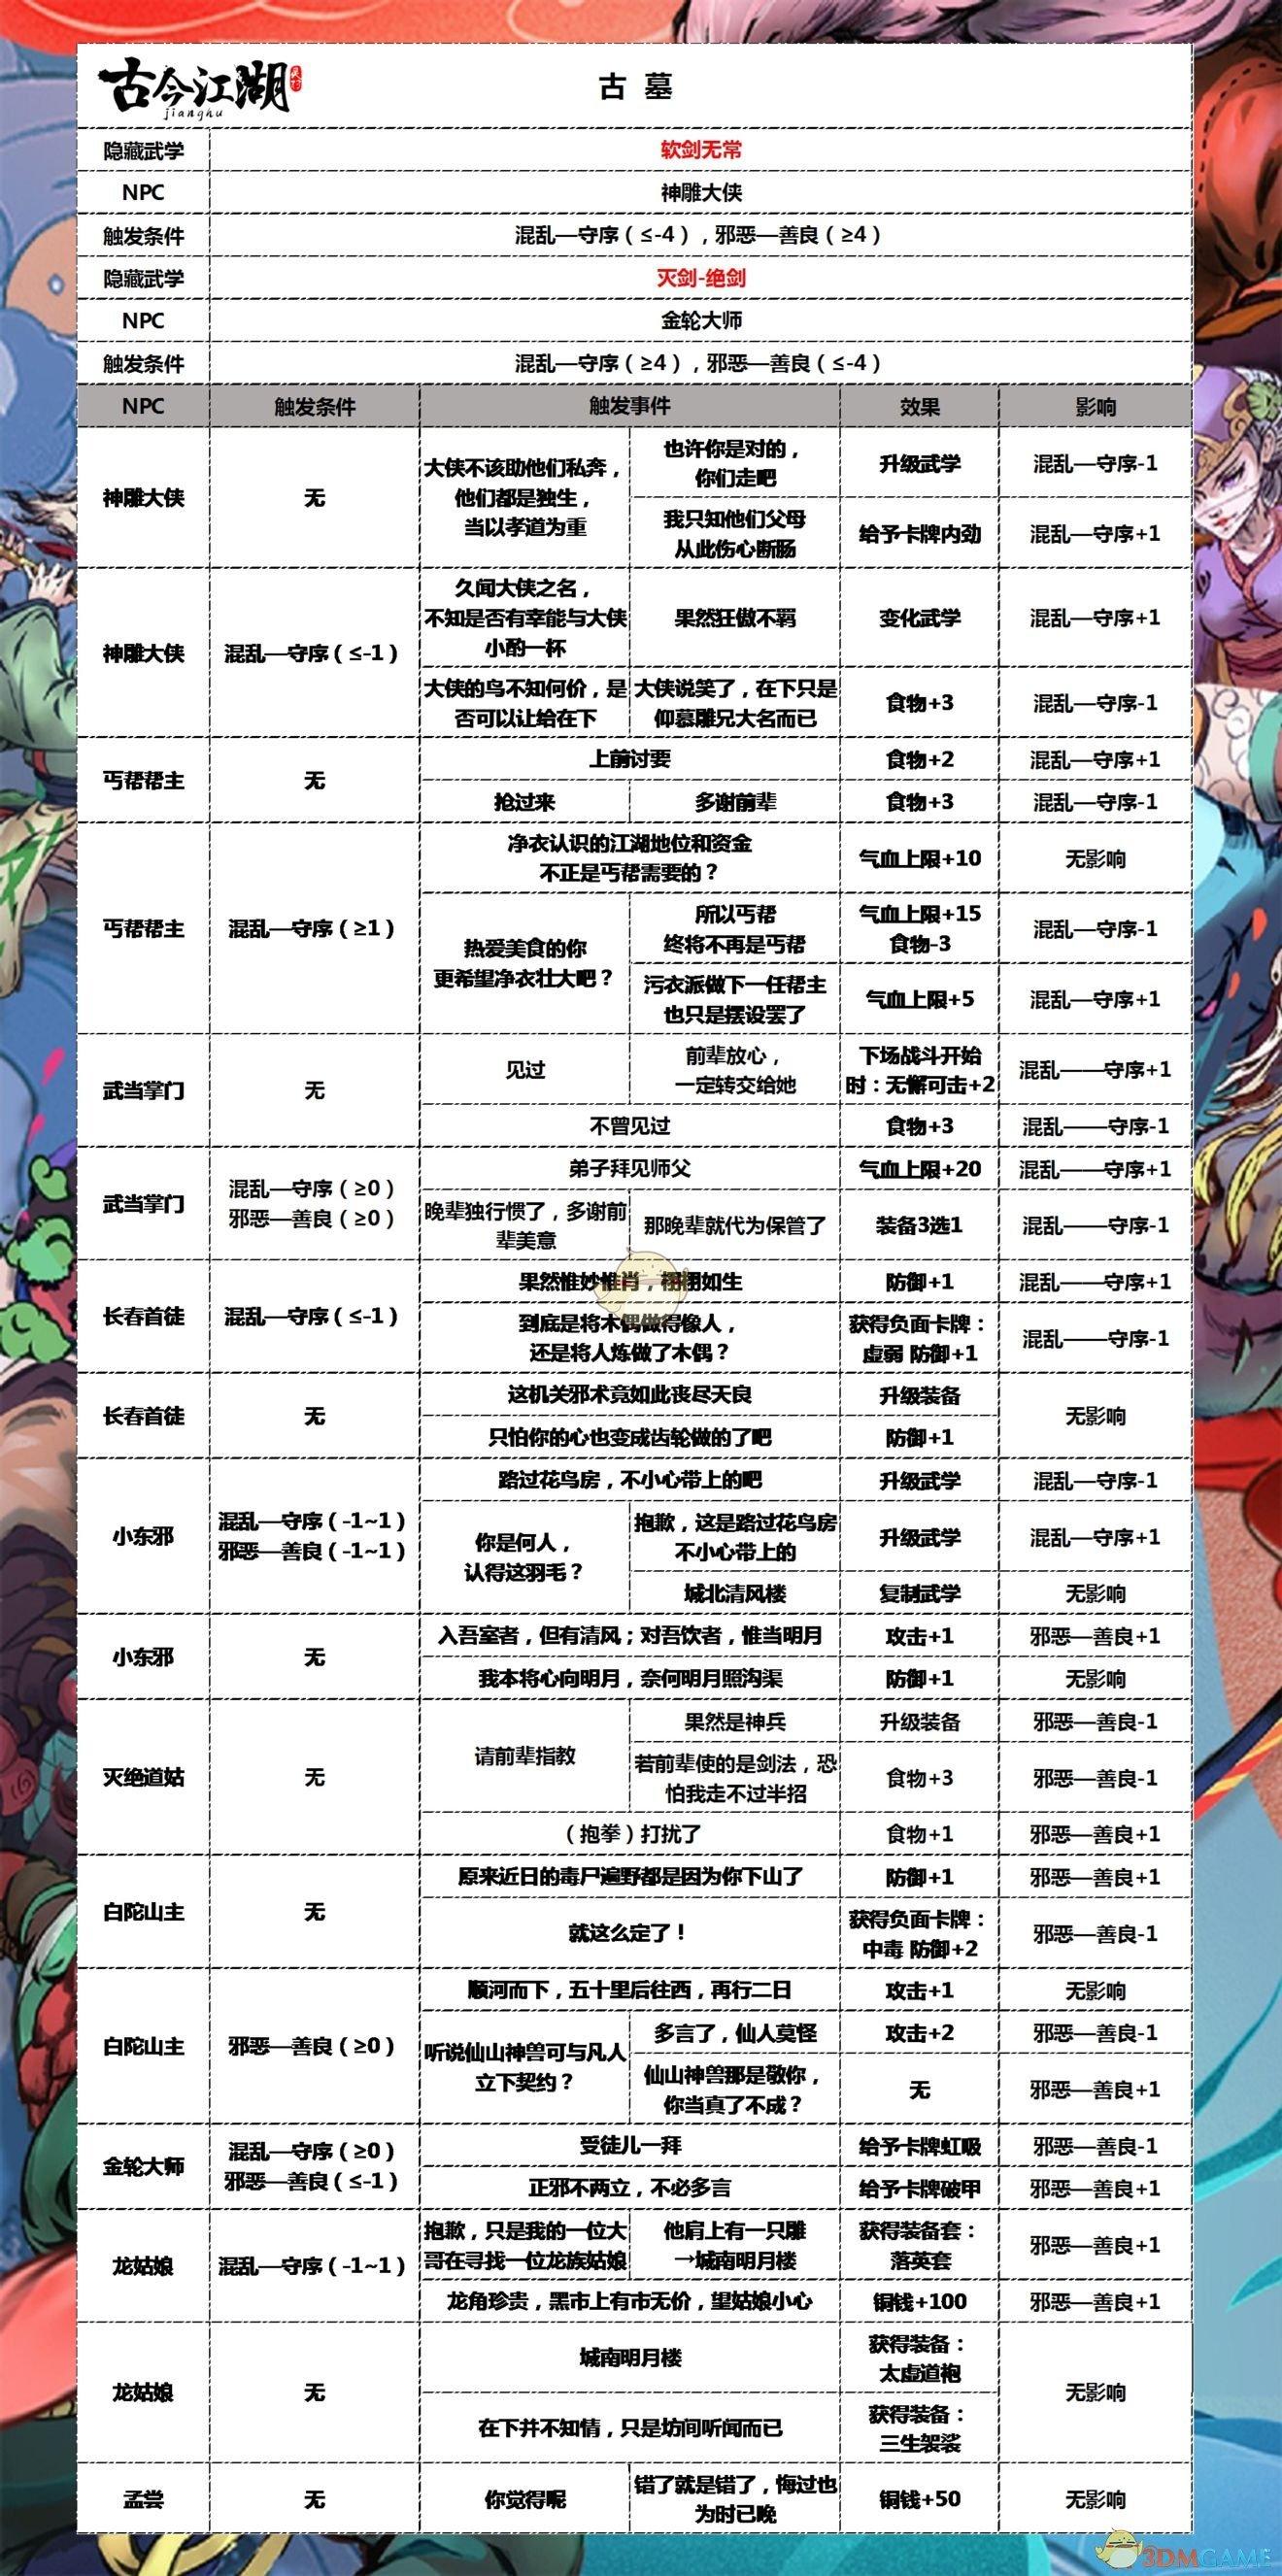 《古今江湖》隐藏武学触发攻略介绍